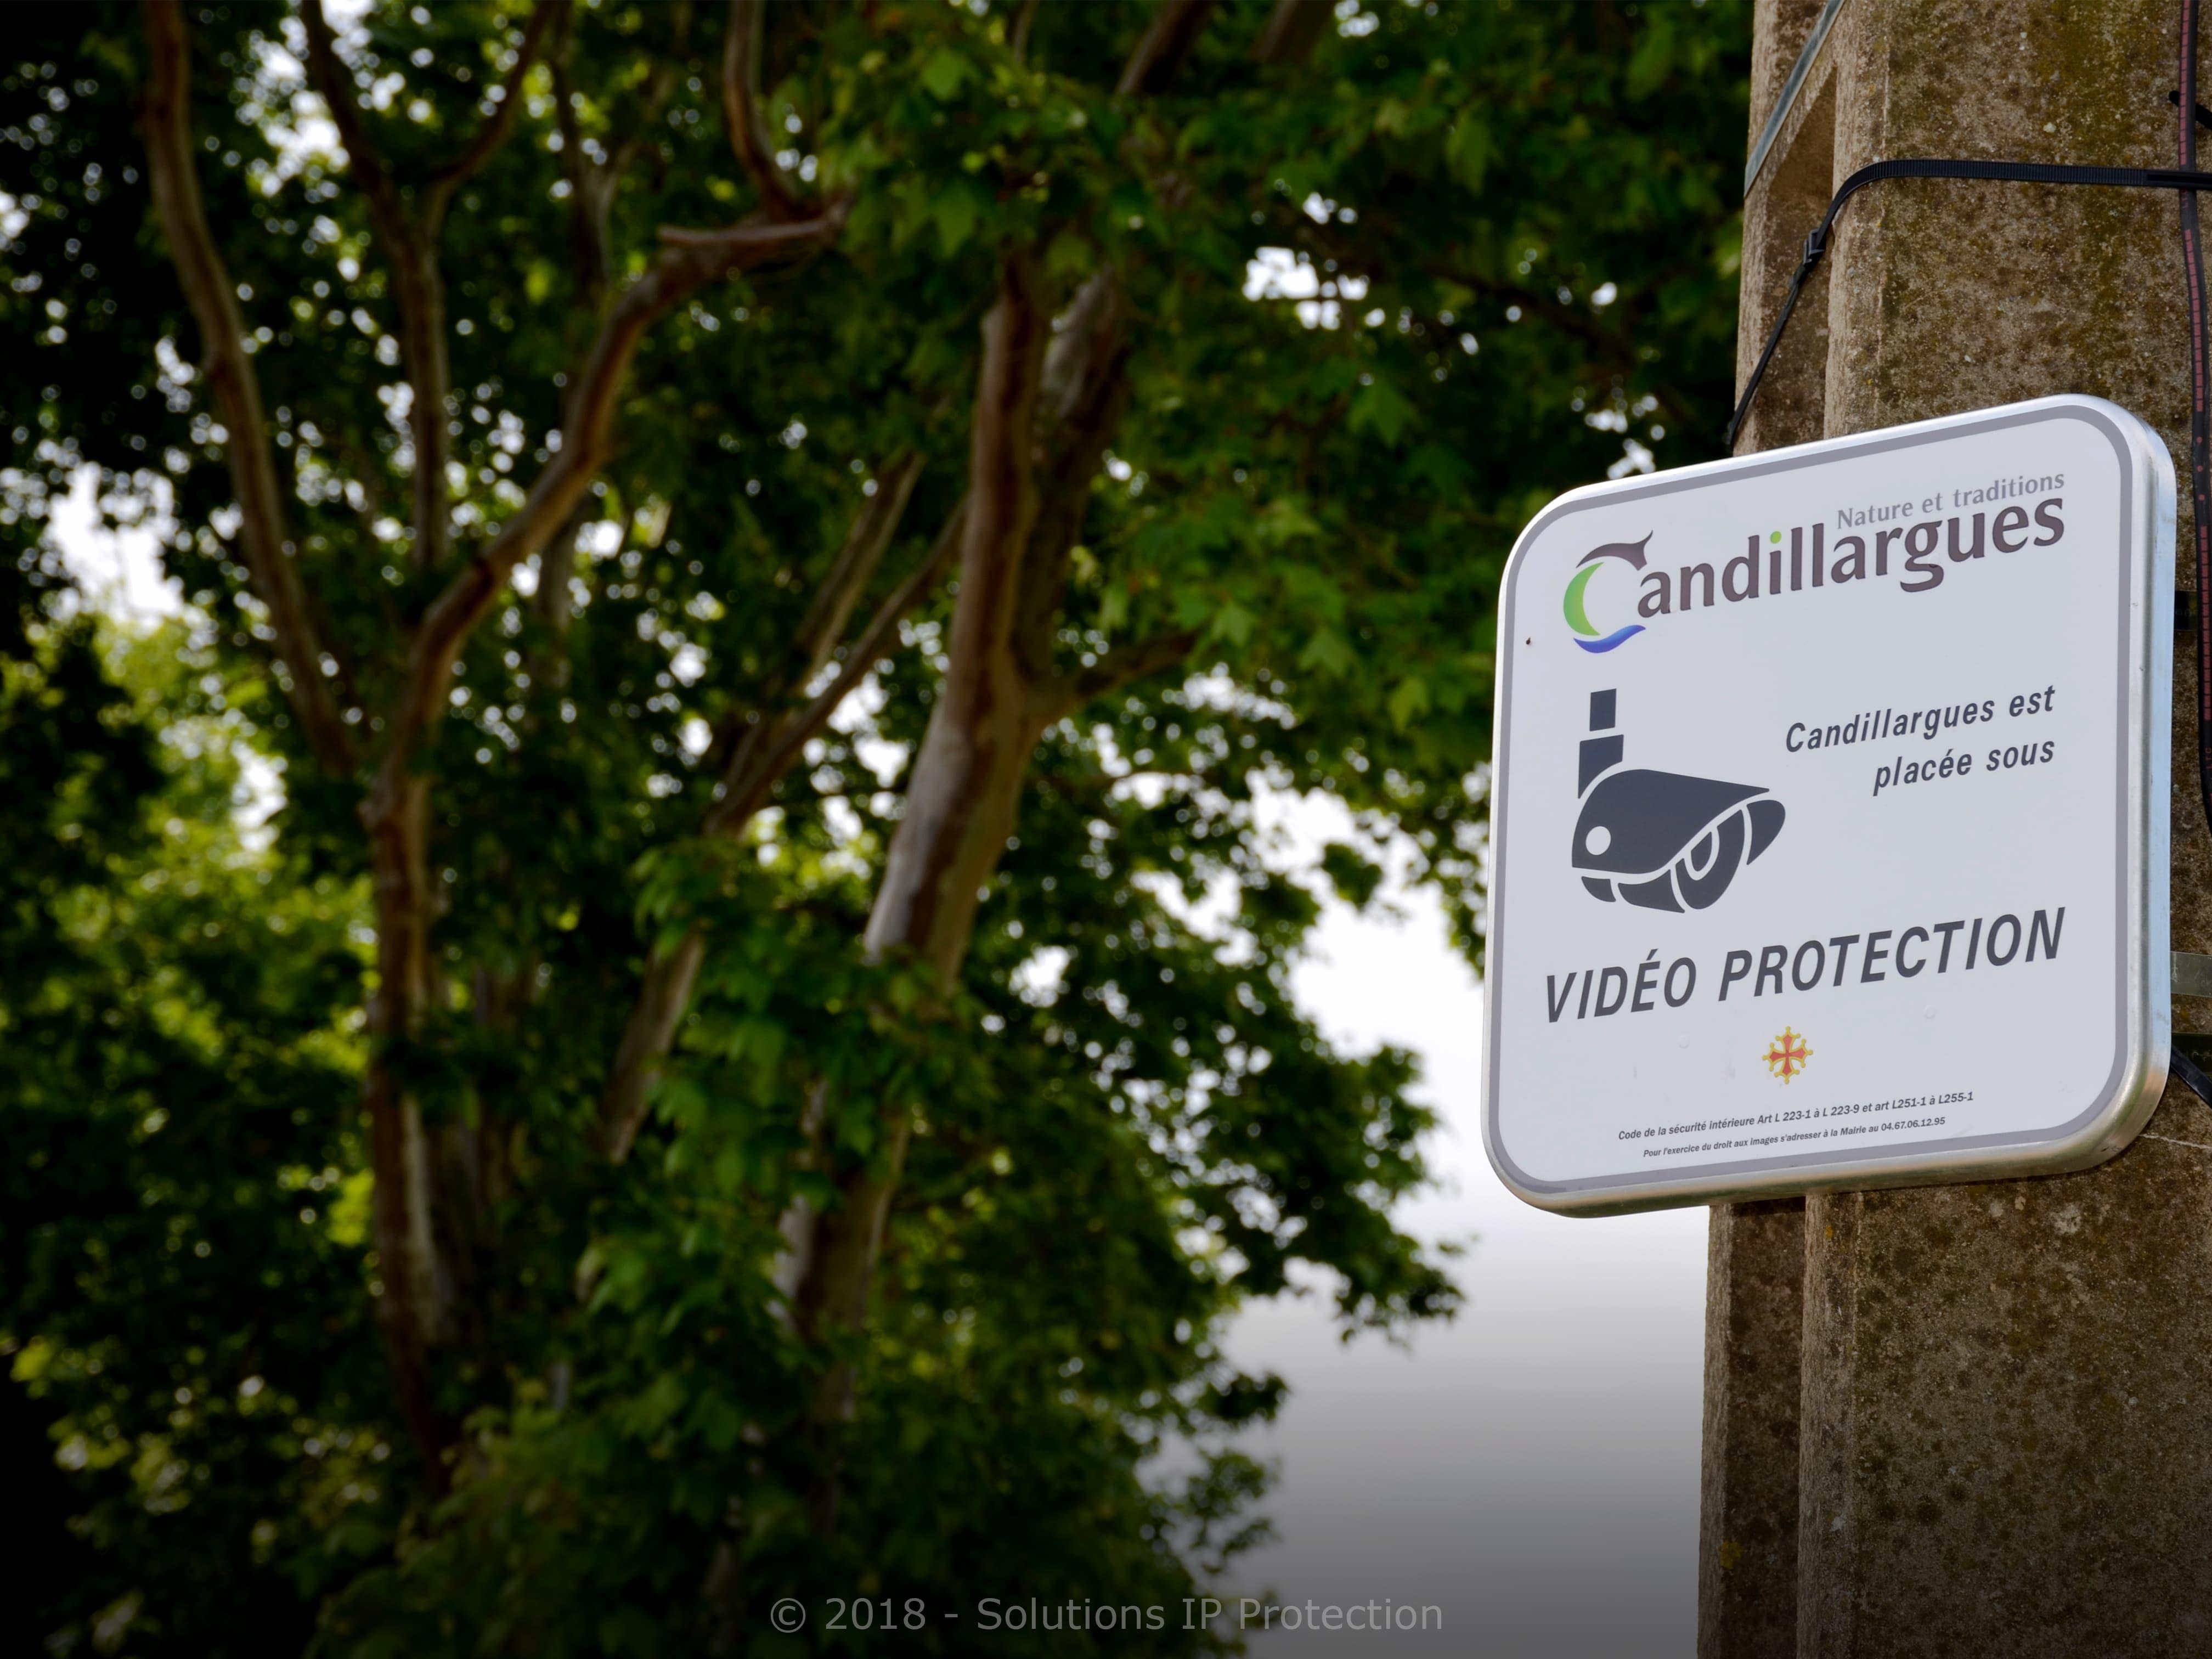 Vidéoprotection à Candillargues